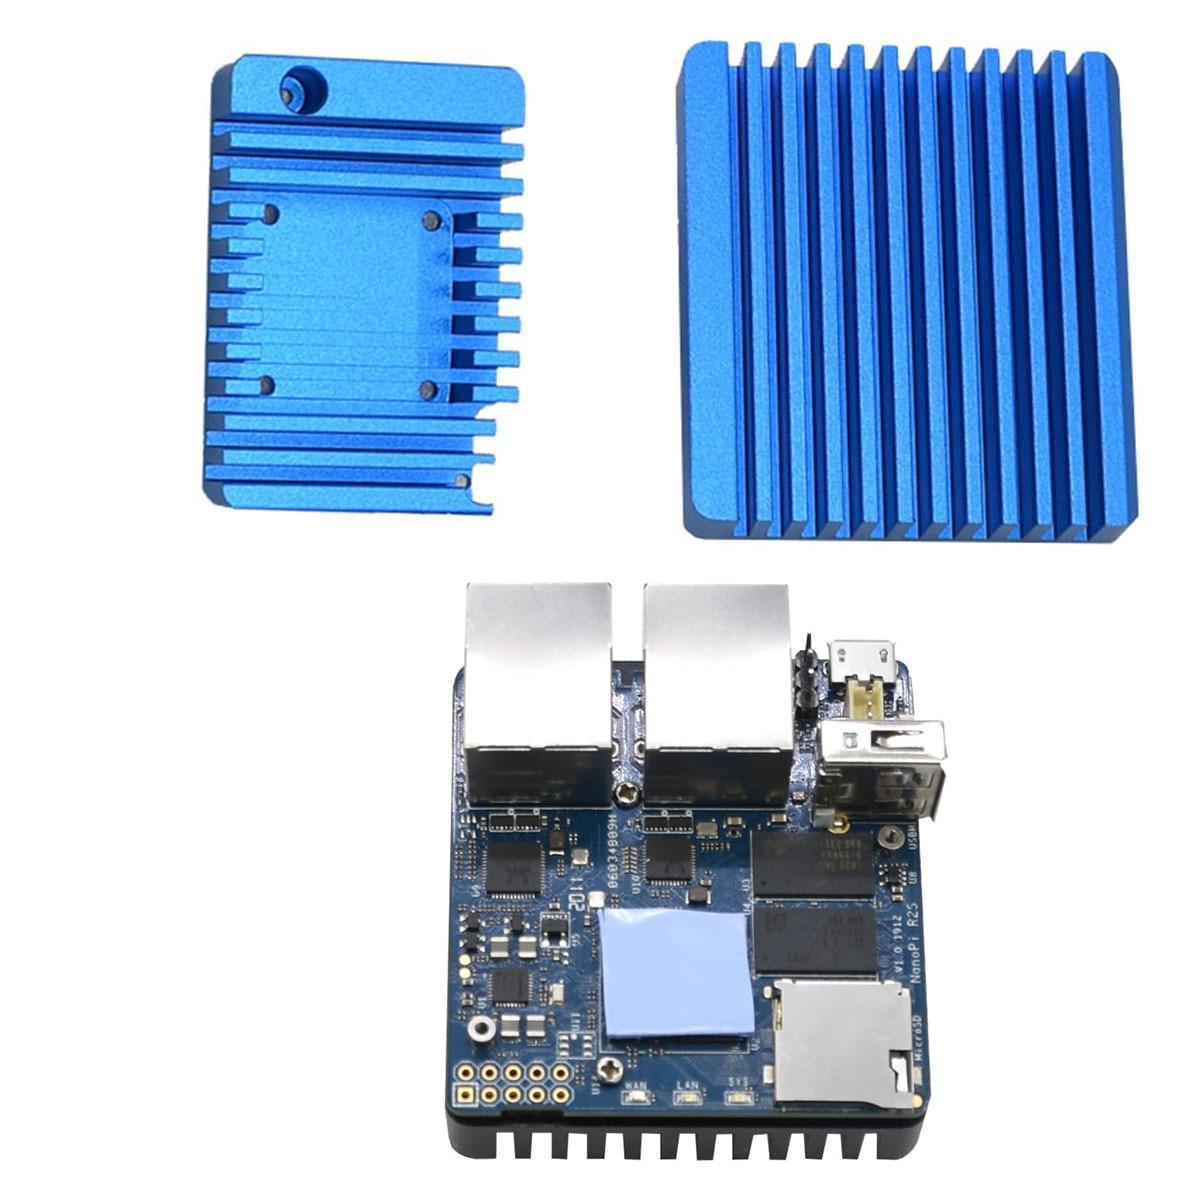 dc 5 v 2a rk3328 quad core cortex a53 roteador duplo ethernet portas 32g memoria